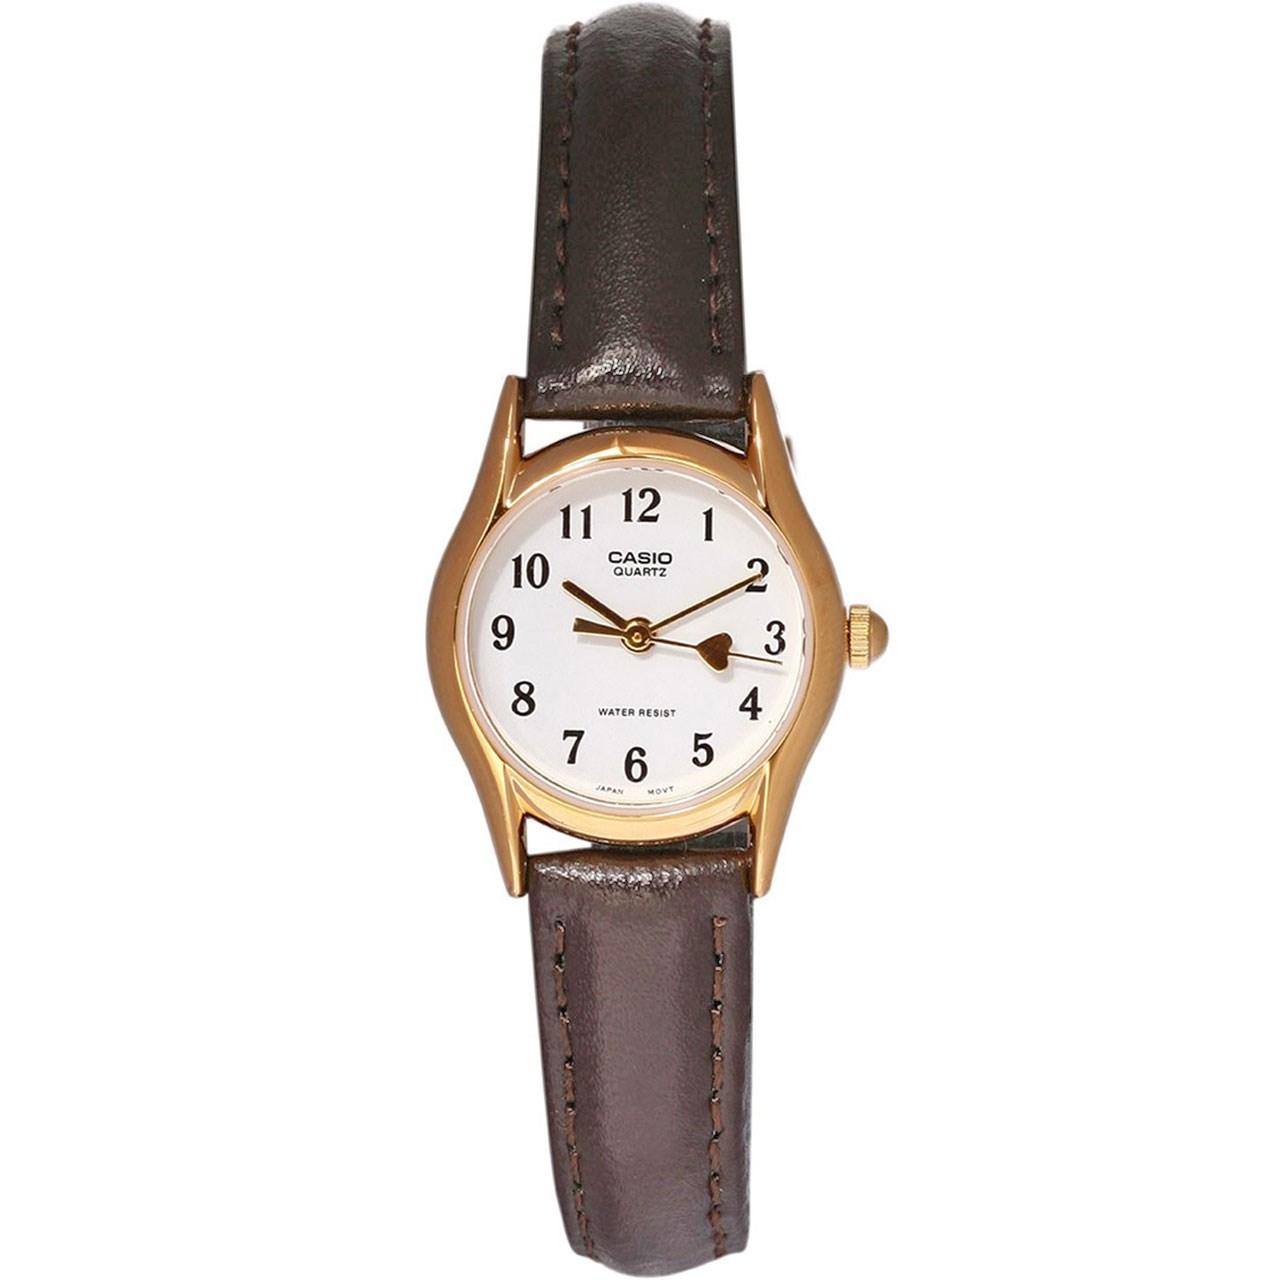 ساعت مچی عقربه ای زنانه کاسیو مدل LTP-1094Q-7B5RDF 54